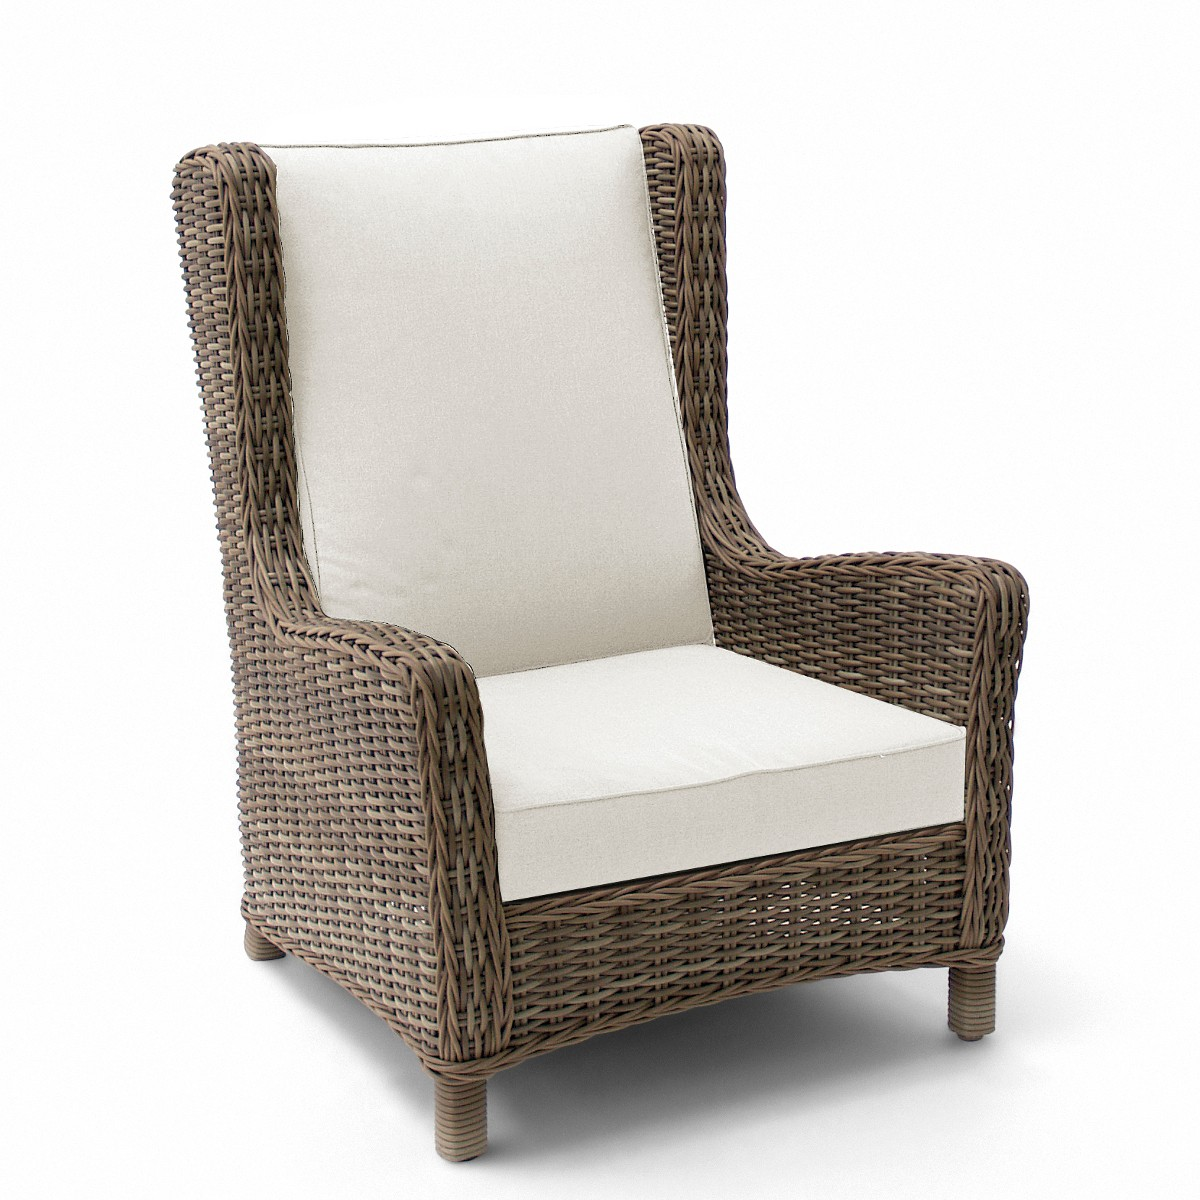 fauteuil bergre san diego de manutti old grey - Fauteuil Bergere